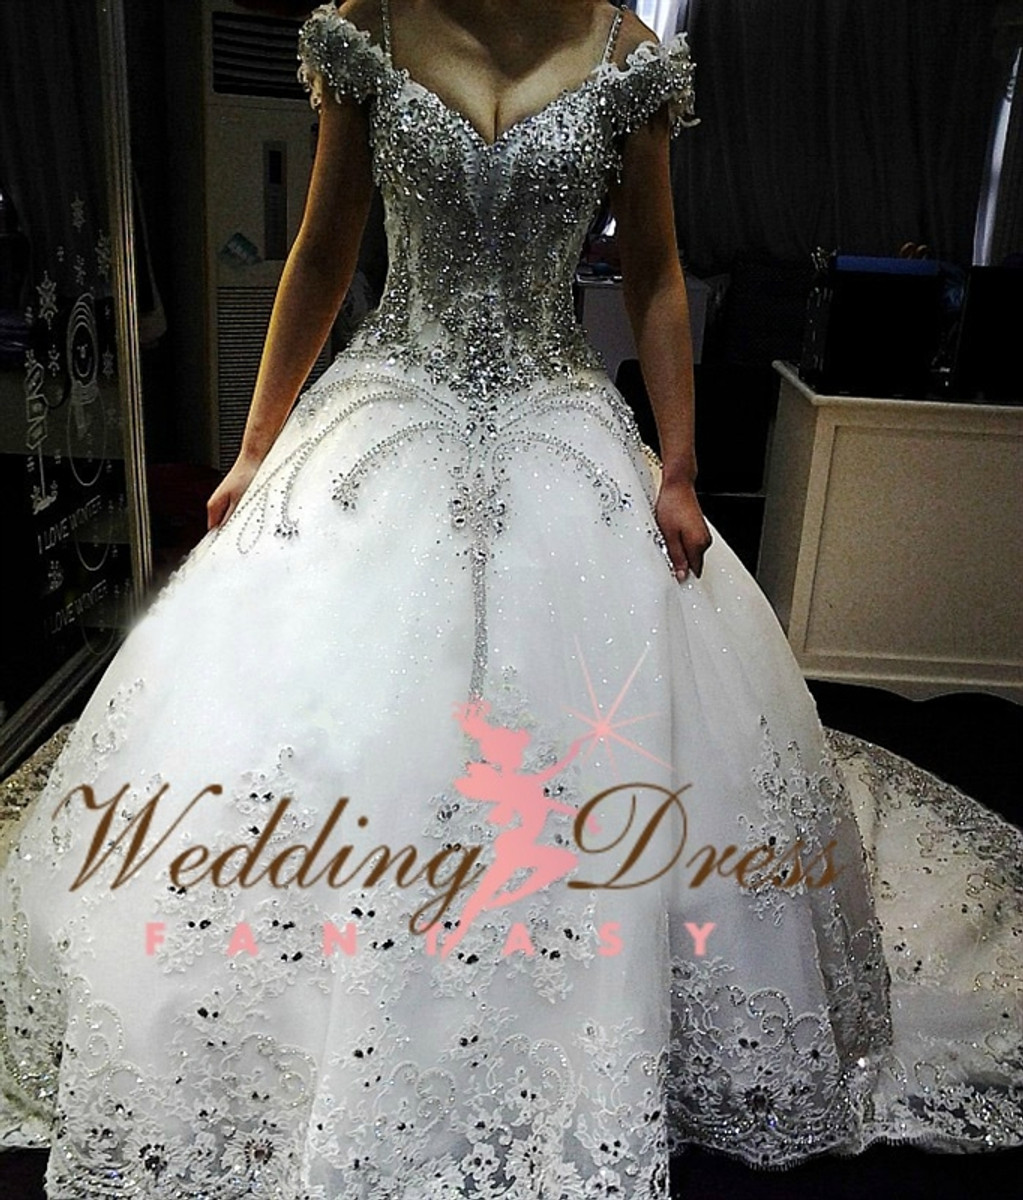 Gypsy Wedding Dress